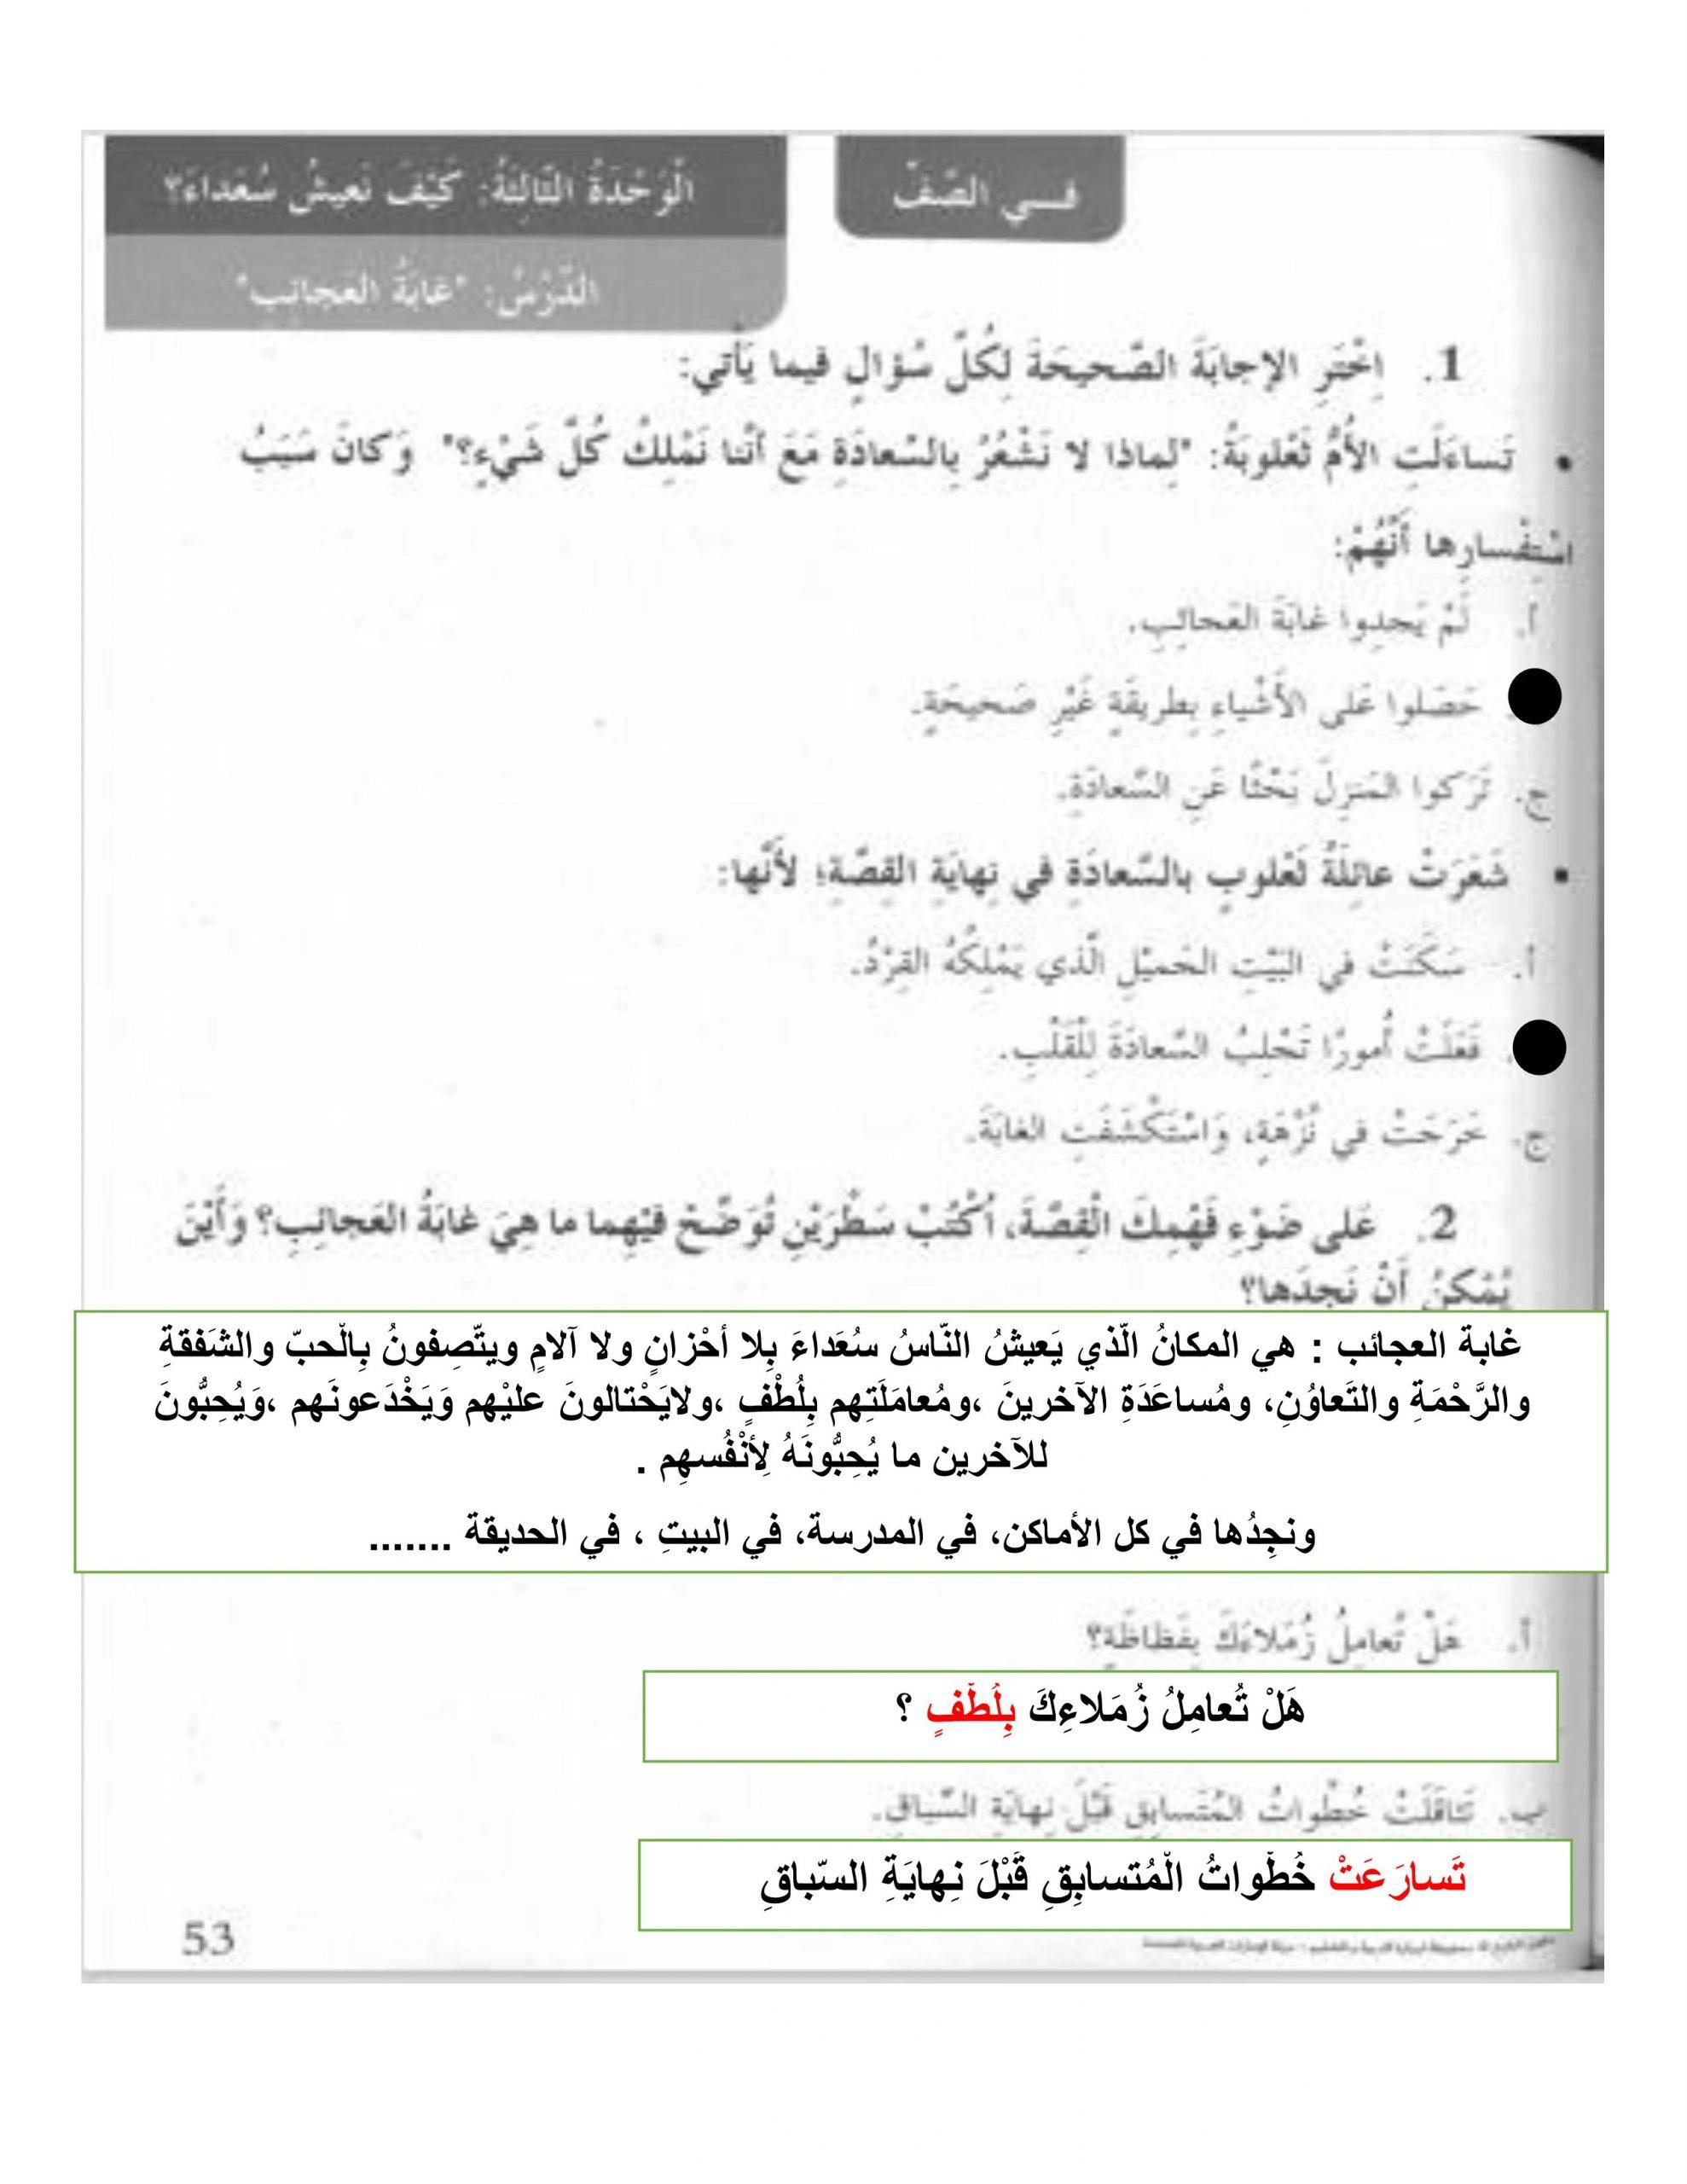 حل غابة العجائب كتاب النشاط الصف الثالث مادة اللغة العربية